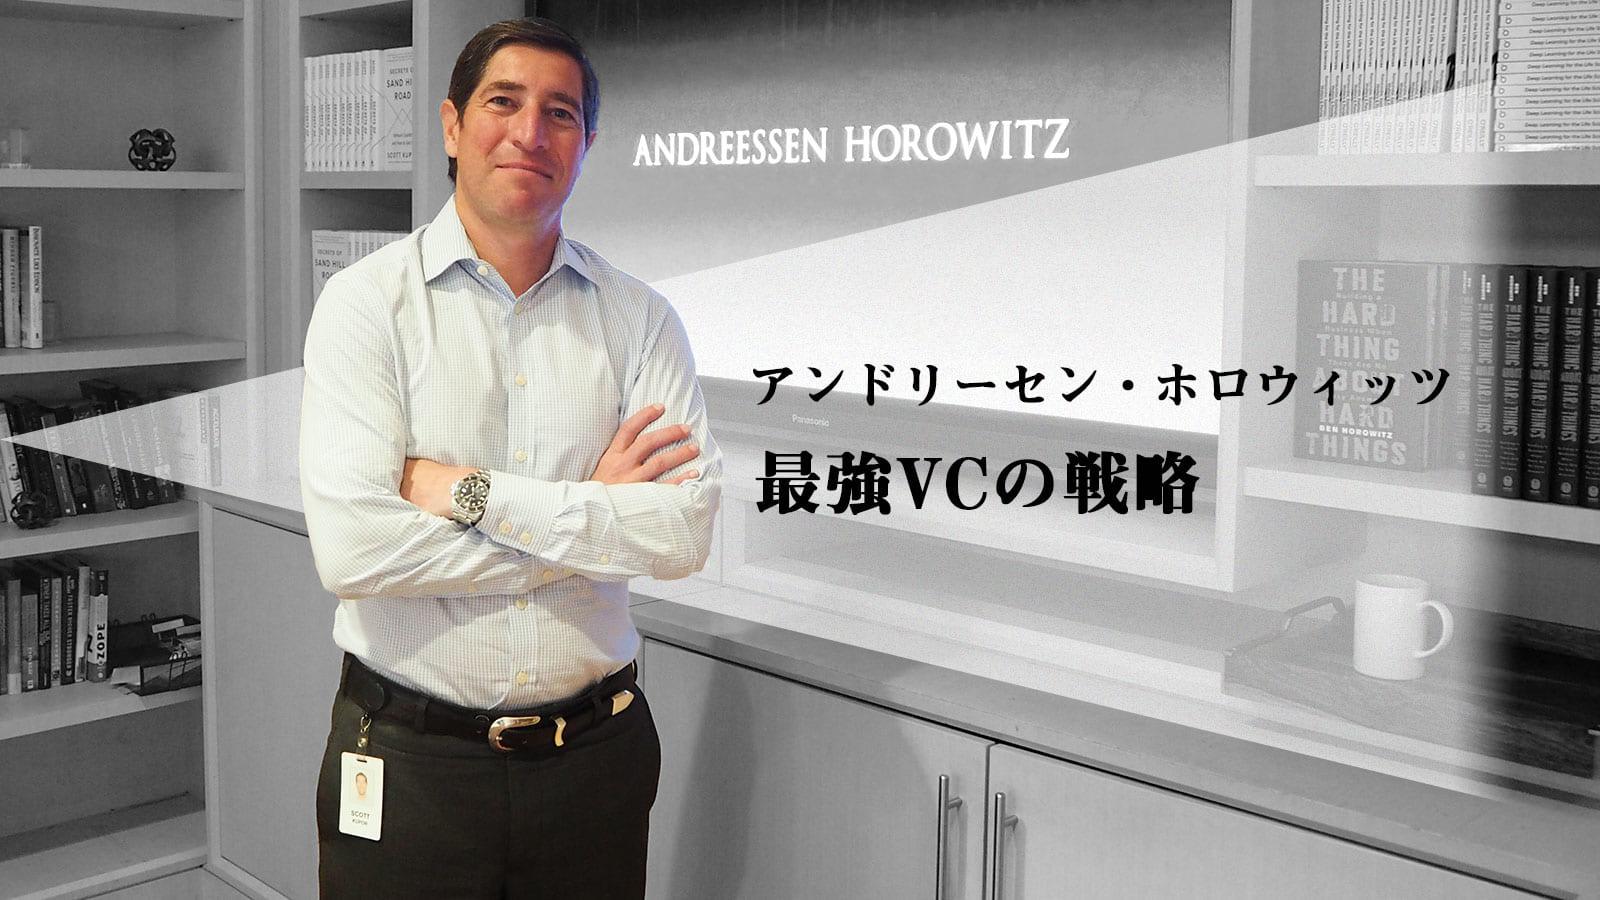 """世界最強のVCはなぜ""""異端""""なのか。アンドリーセン・ホロウィッツの投資哲学と戦略を聞く"""